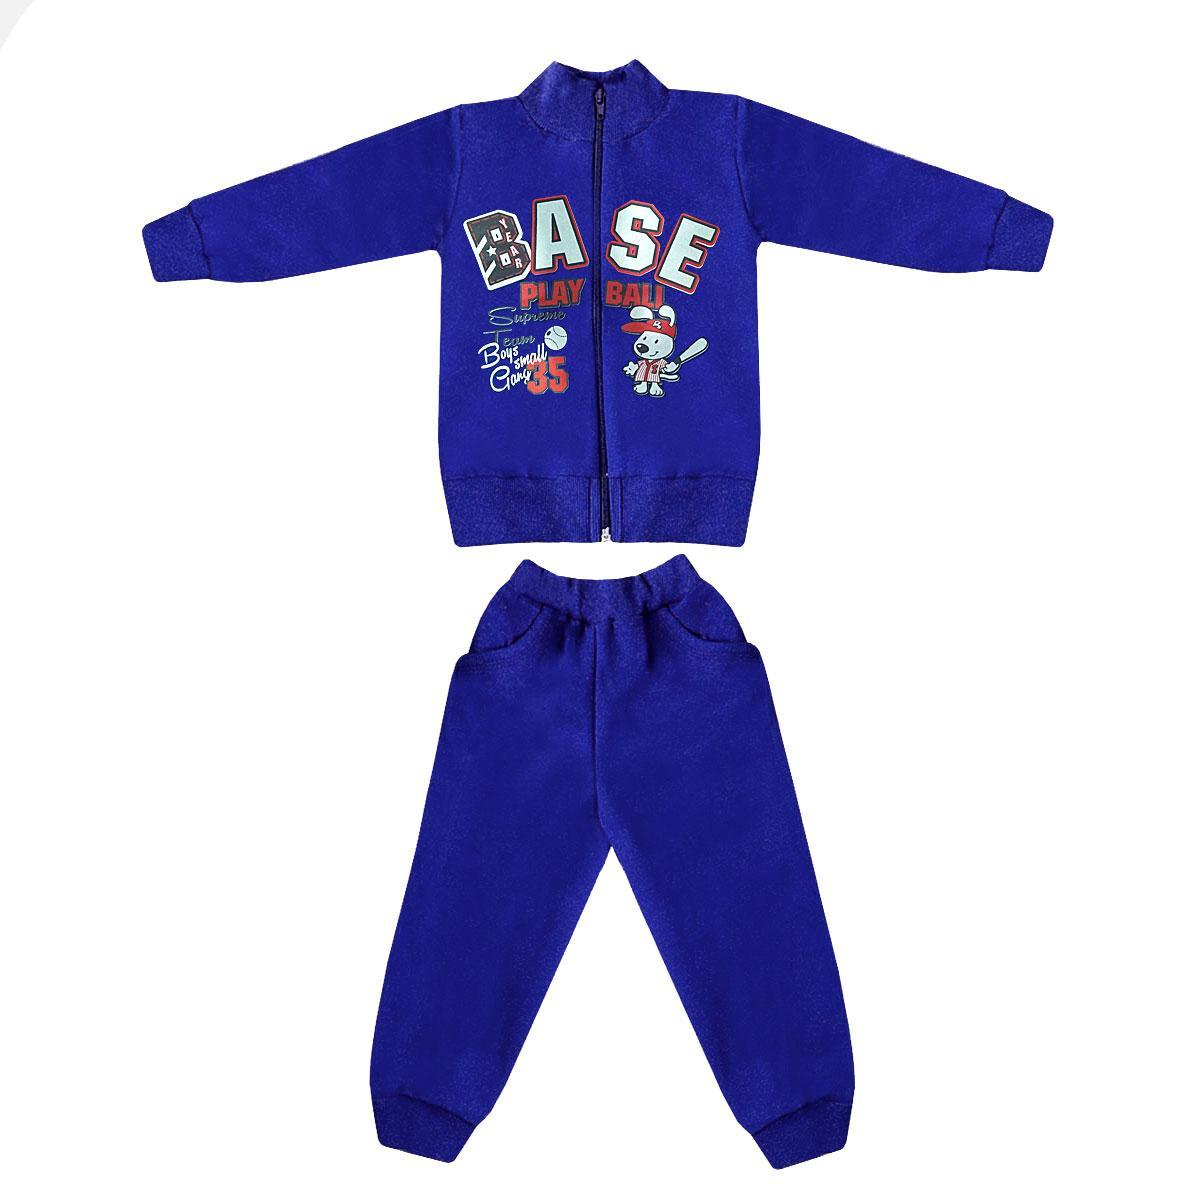 Спортивный детский костюм с принотом BASE для мальчика двухнитка